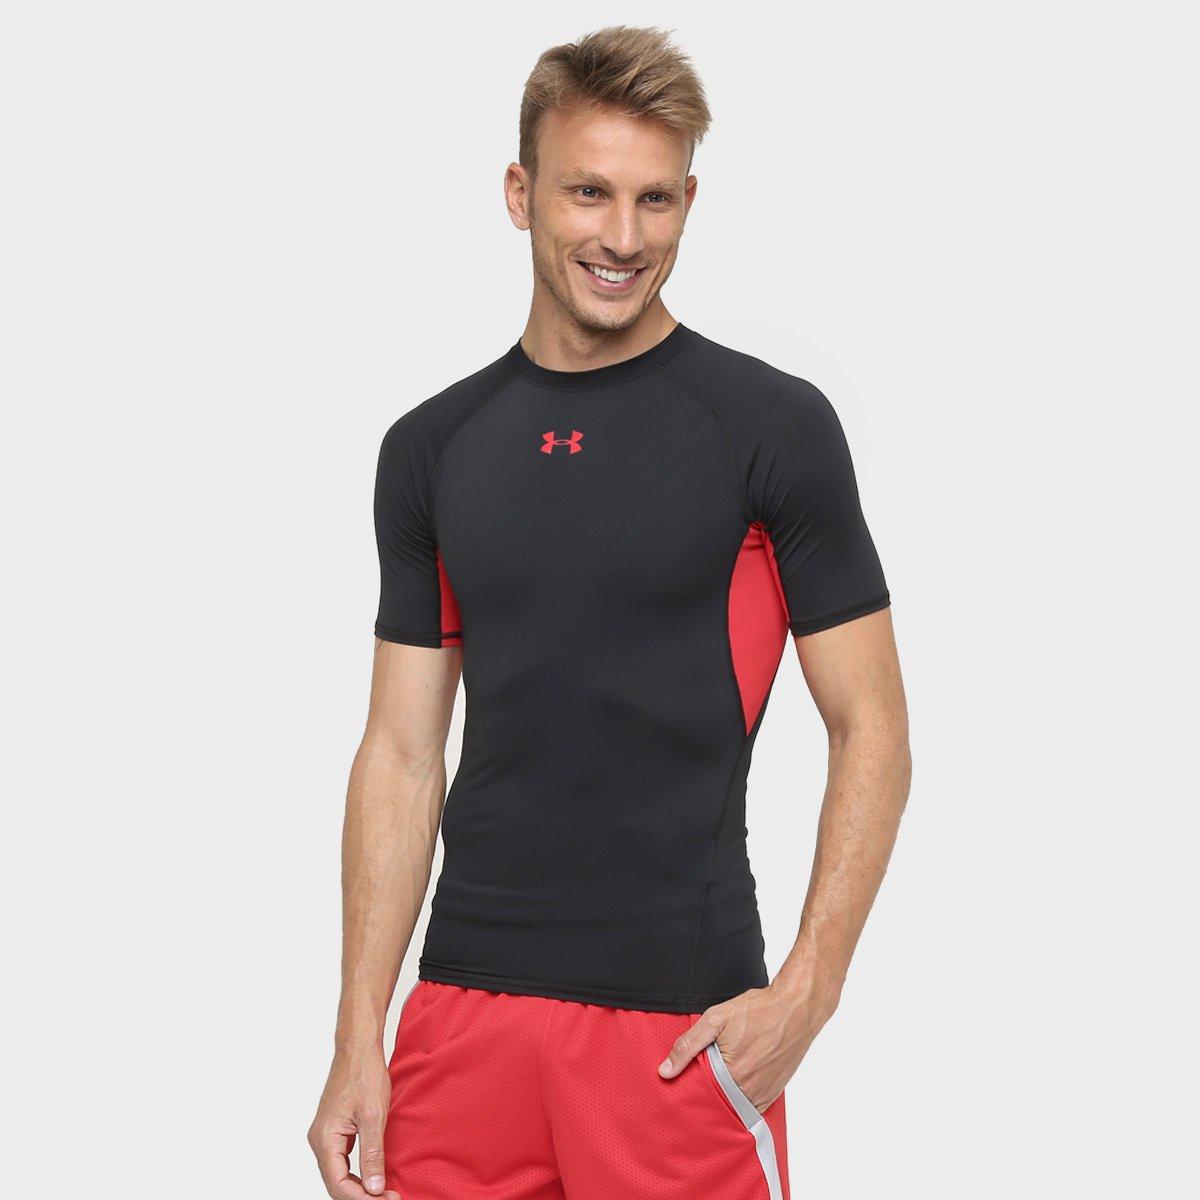 88e1b5d654181 Camiseta de Compressão Under Armour Heatgear Masculina - Compre Agora